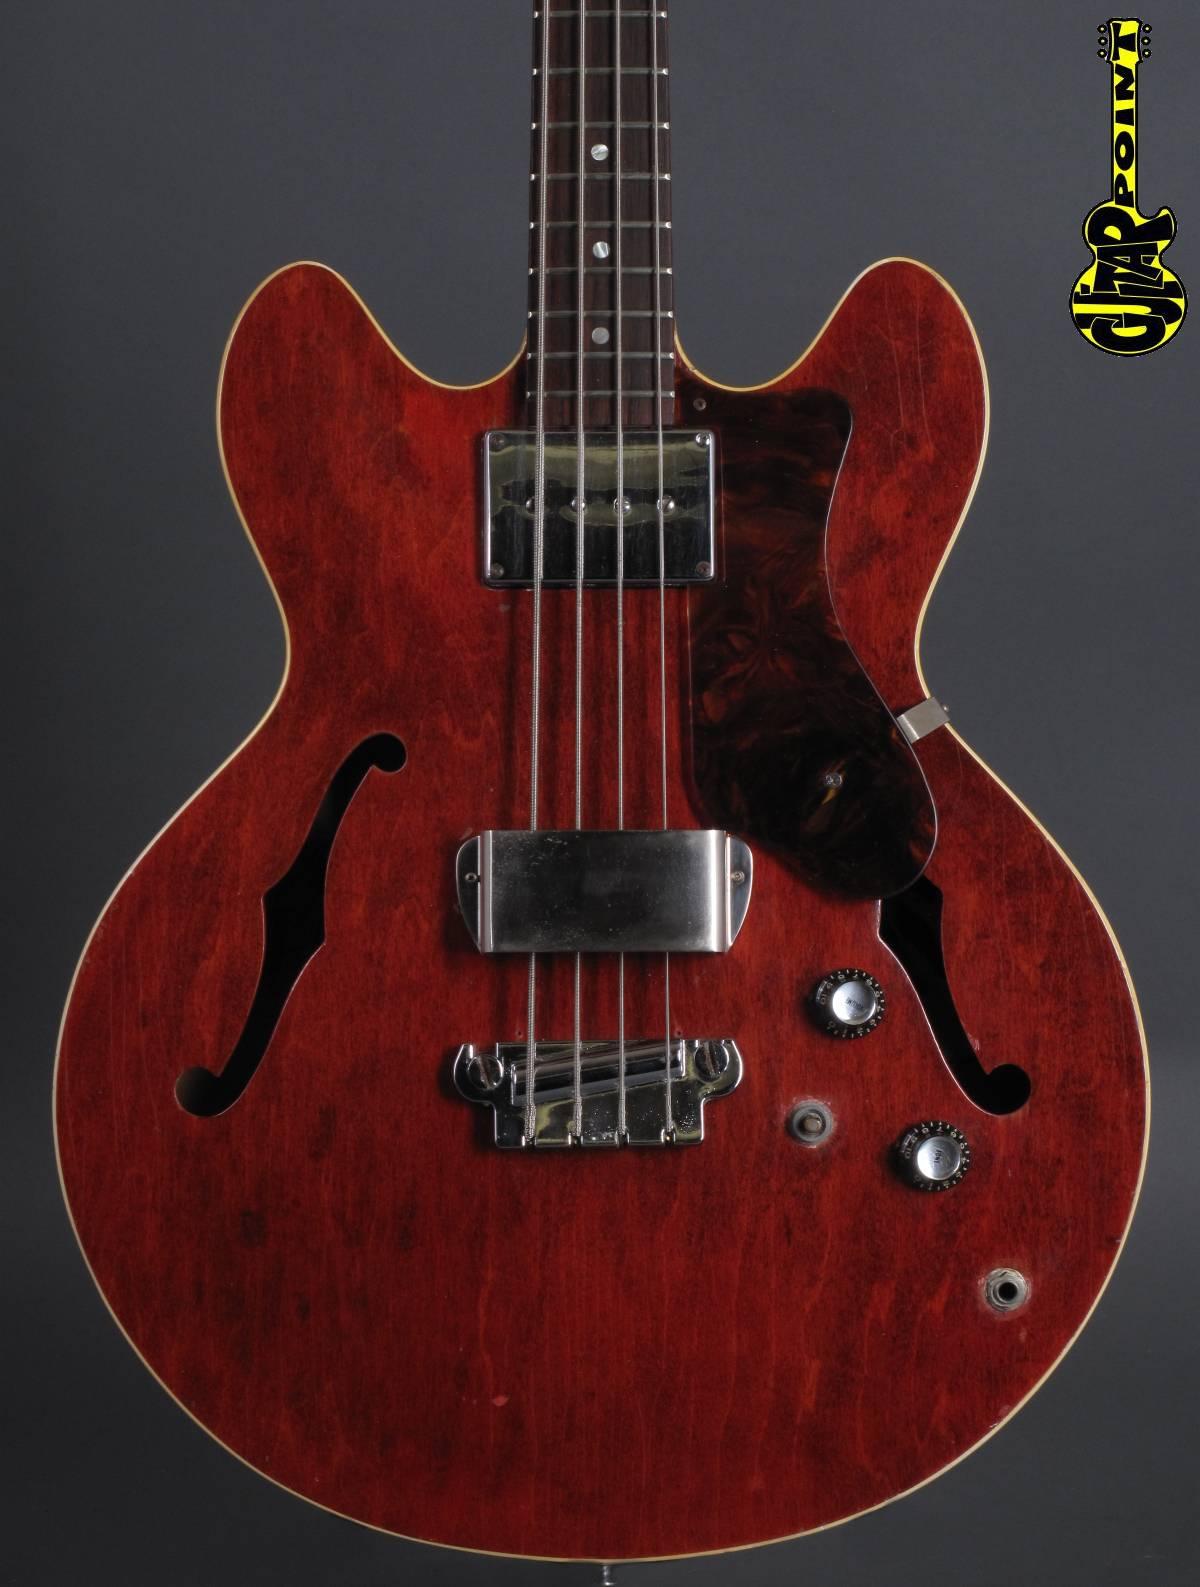 1967 Epiphone Rivoli Bass - Cherry